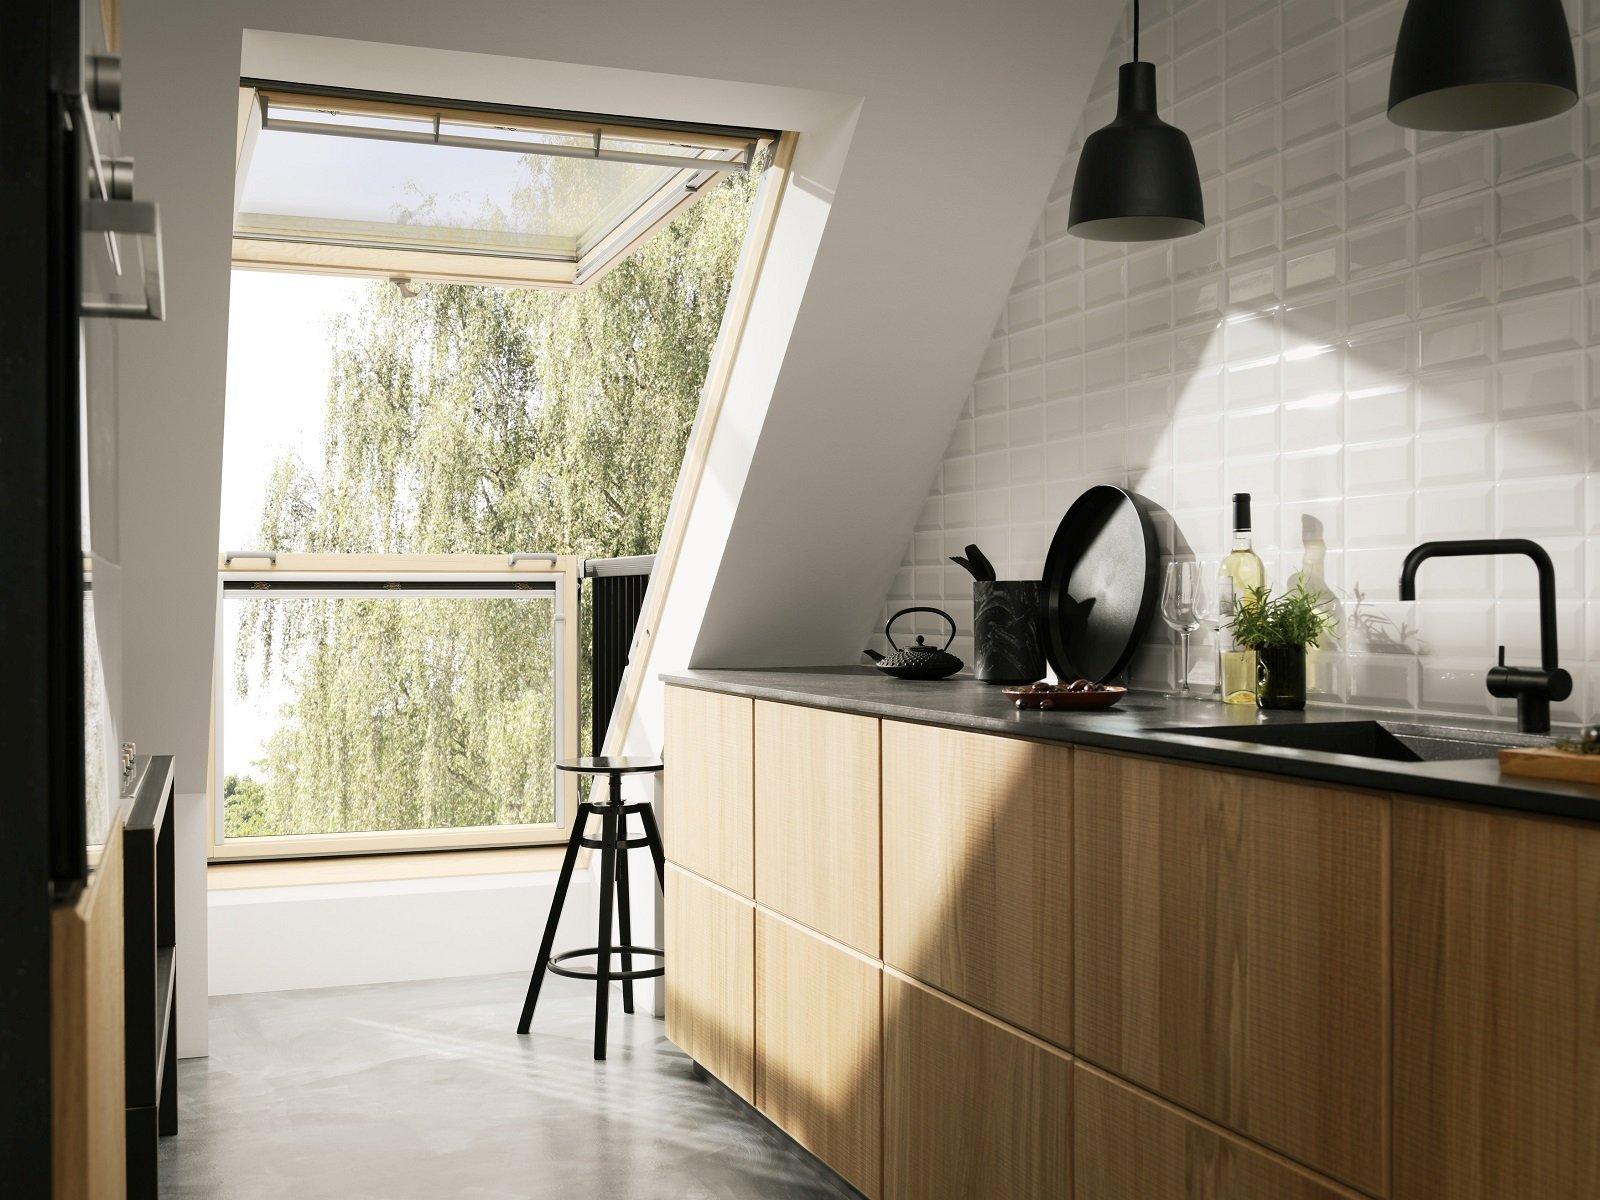 Organizzare al meglio lo spazio cucina nel sottotetto - Cose ...